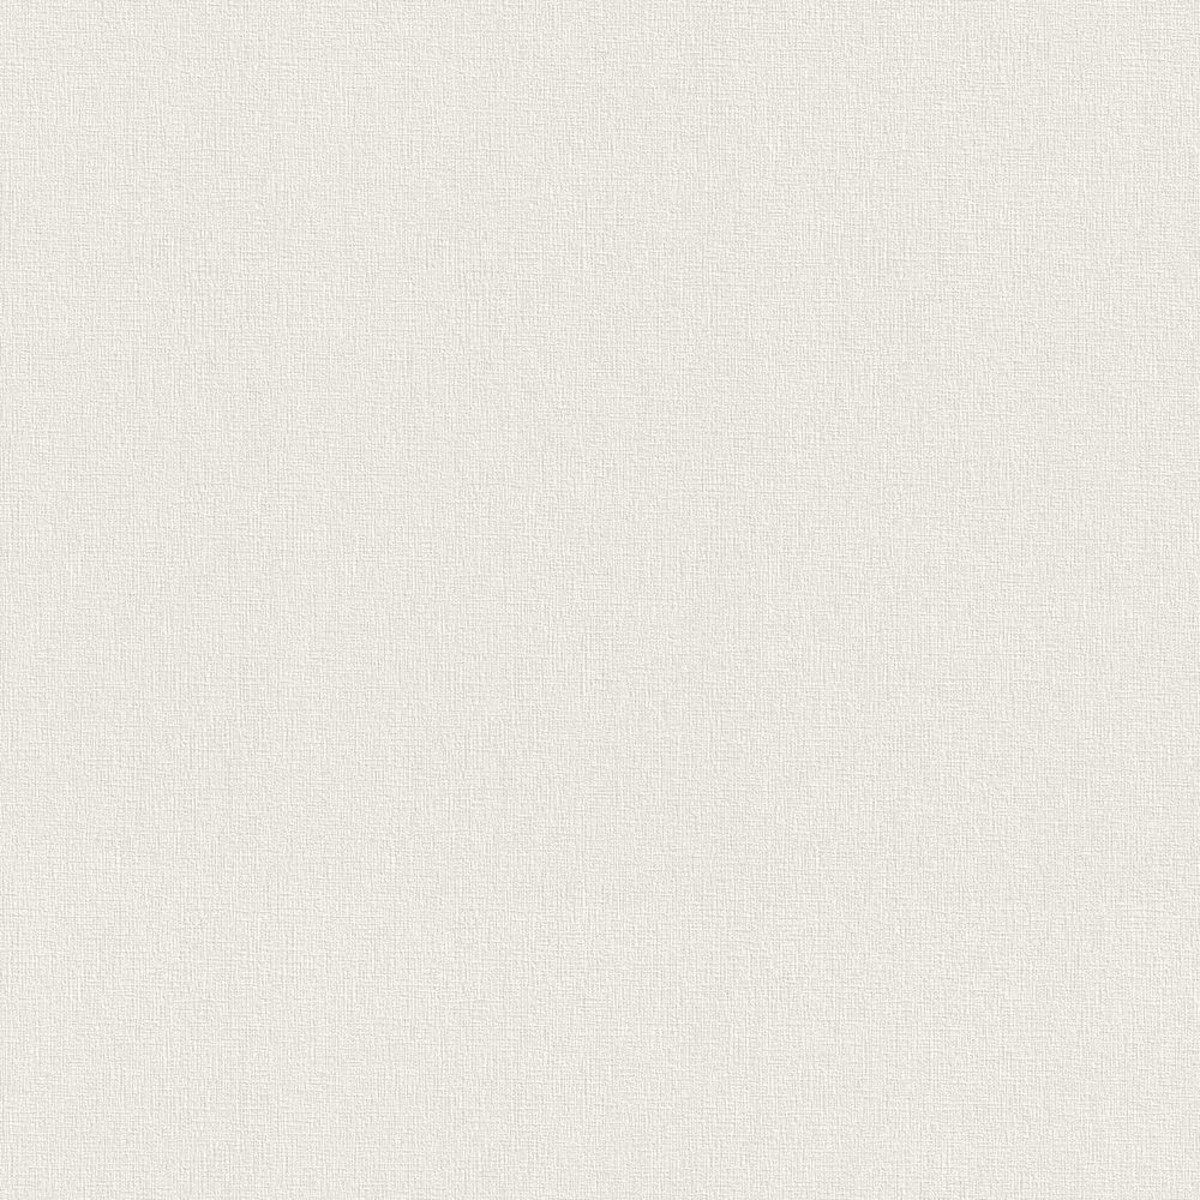 Обои флизелиновые Rasch Gentle Elegance 2016 бежевые 0.53 м 724011